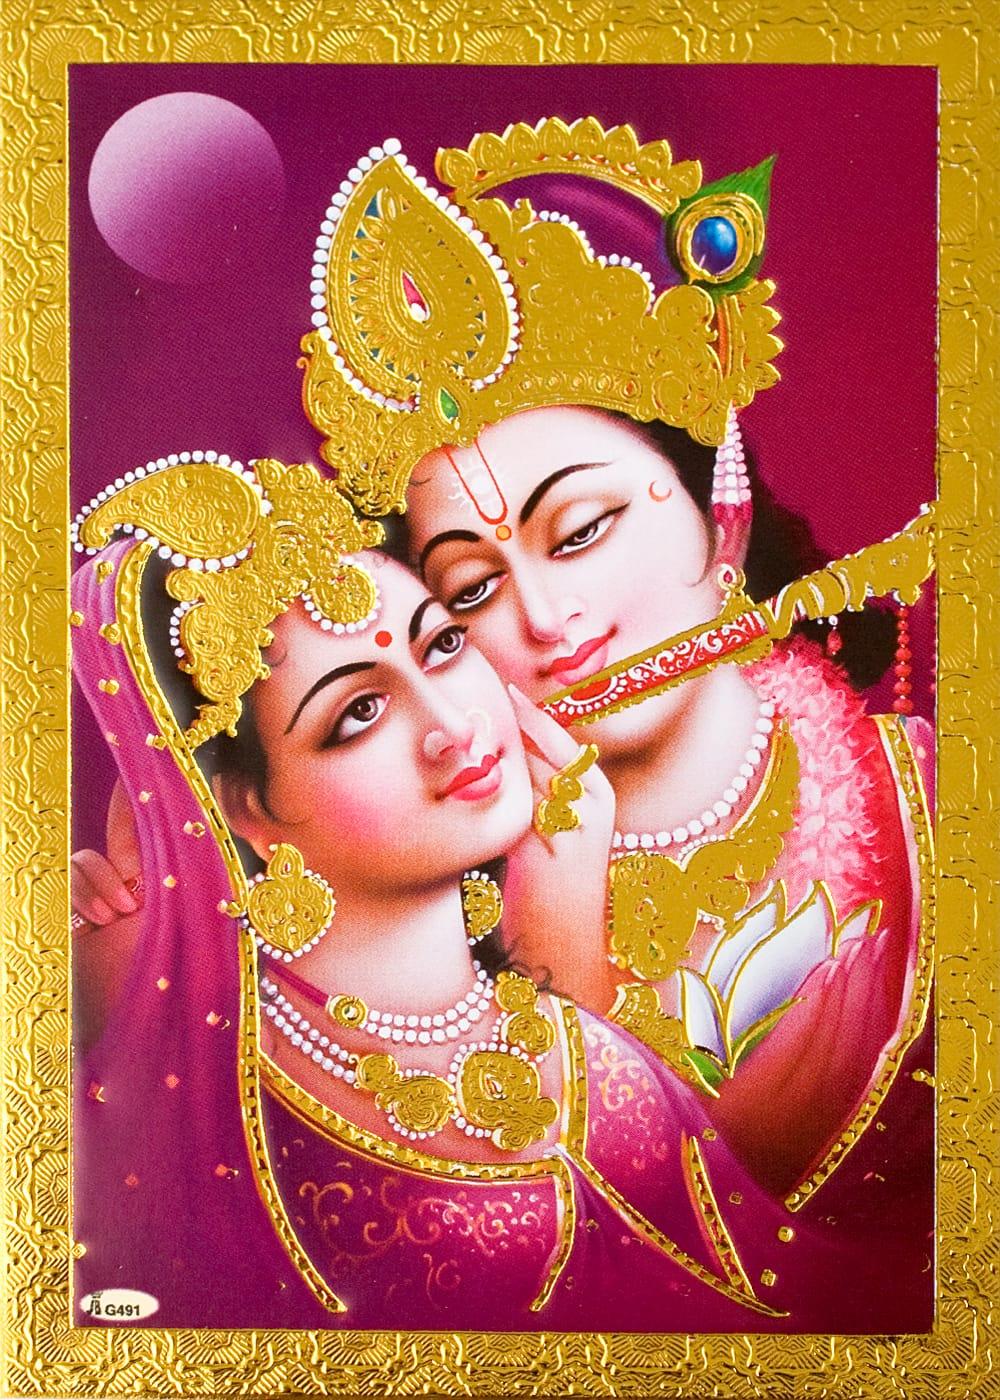 金の神様ポストカード-クリシュナとラーダの写真